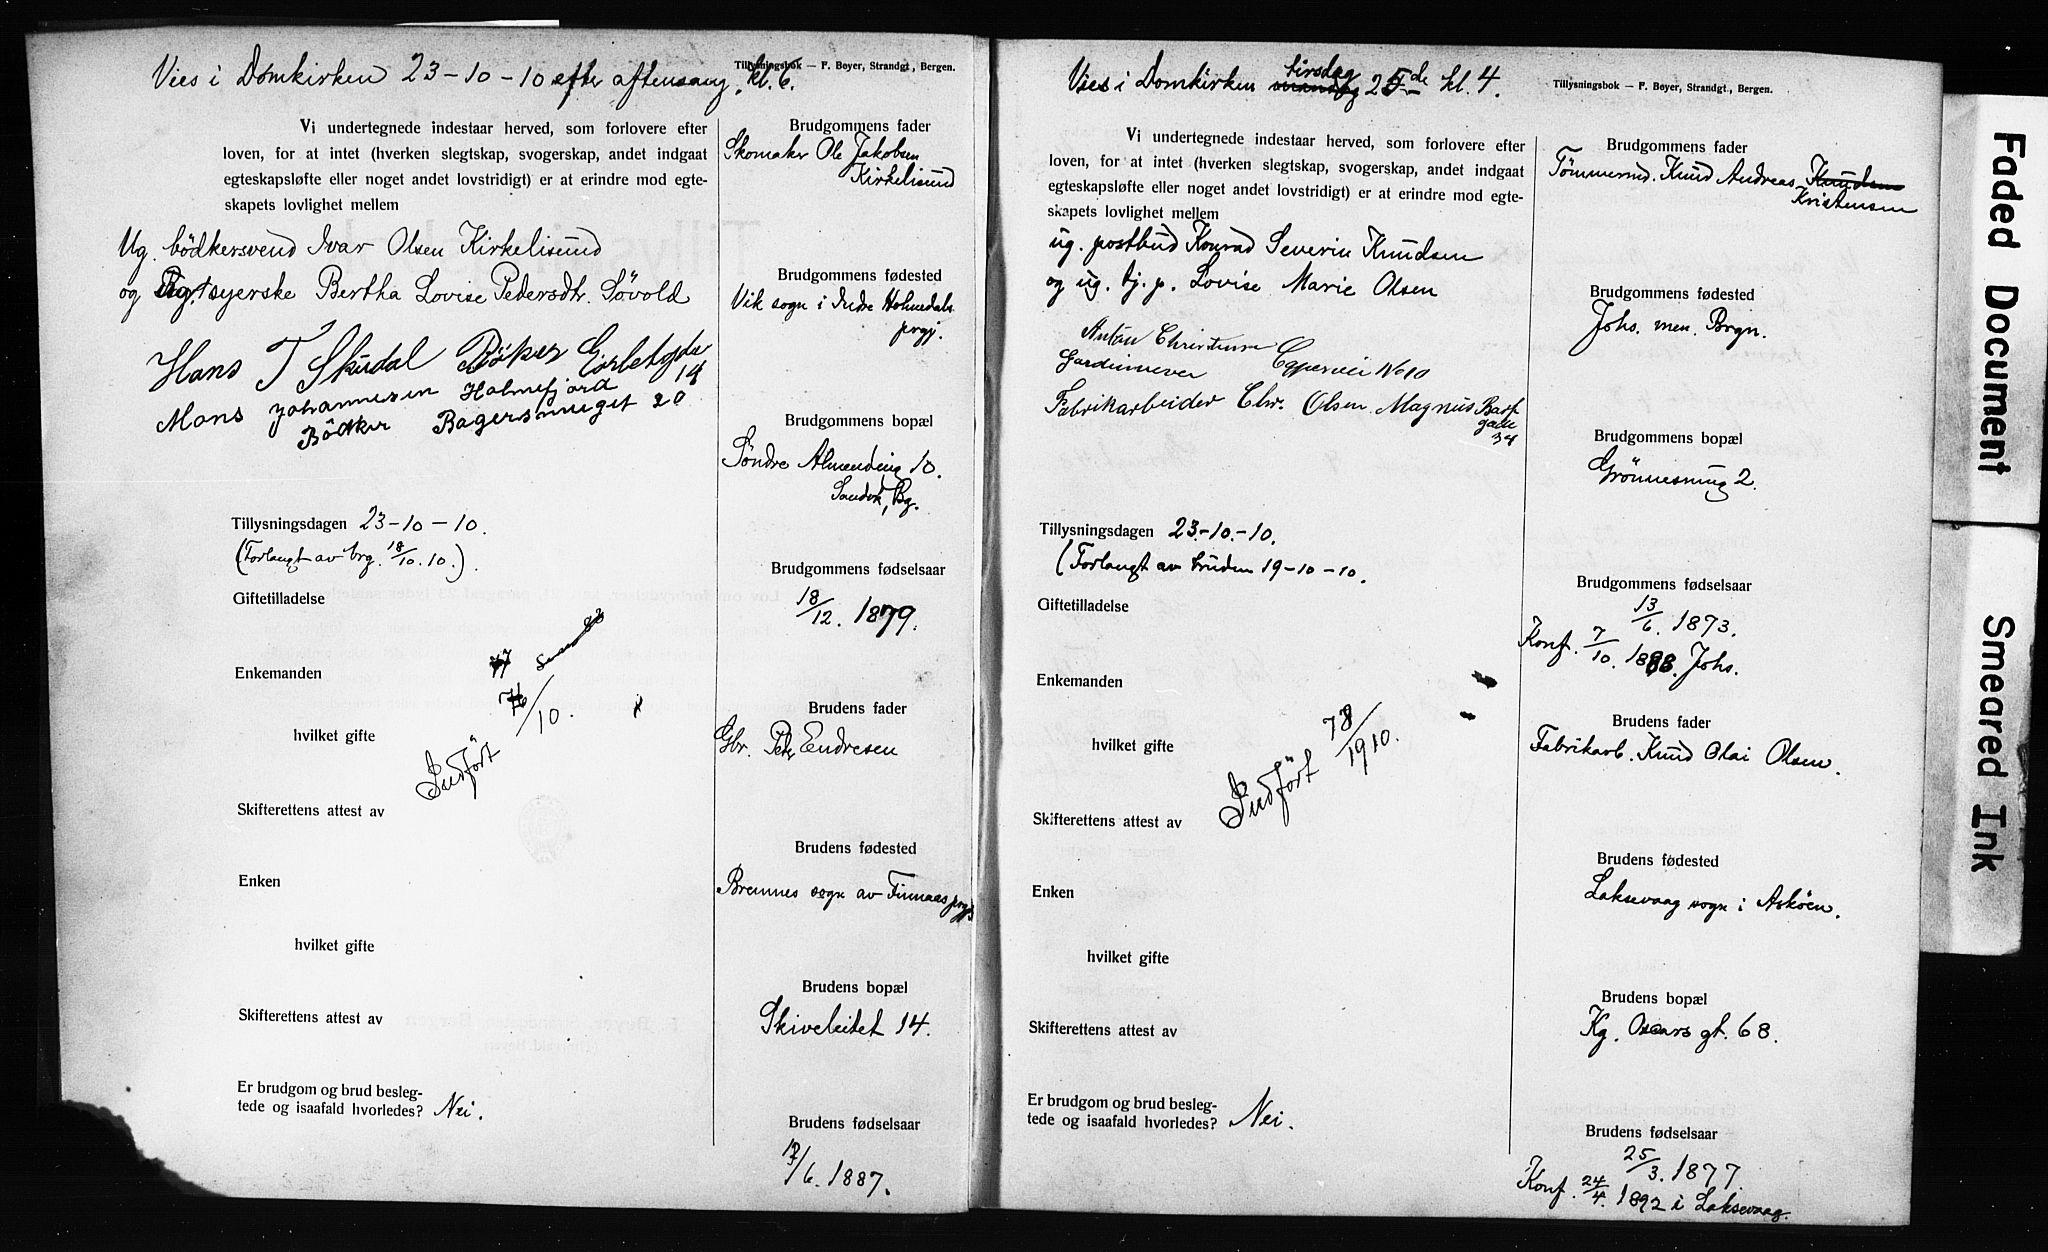 SAB, Domkirken Sokneprestembete, Forlovererklæringer nr. II.5.12, 1910-1917, s. 2